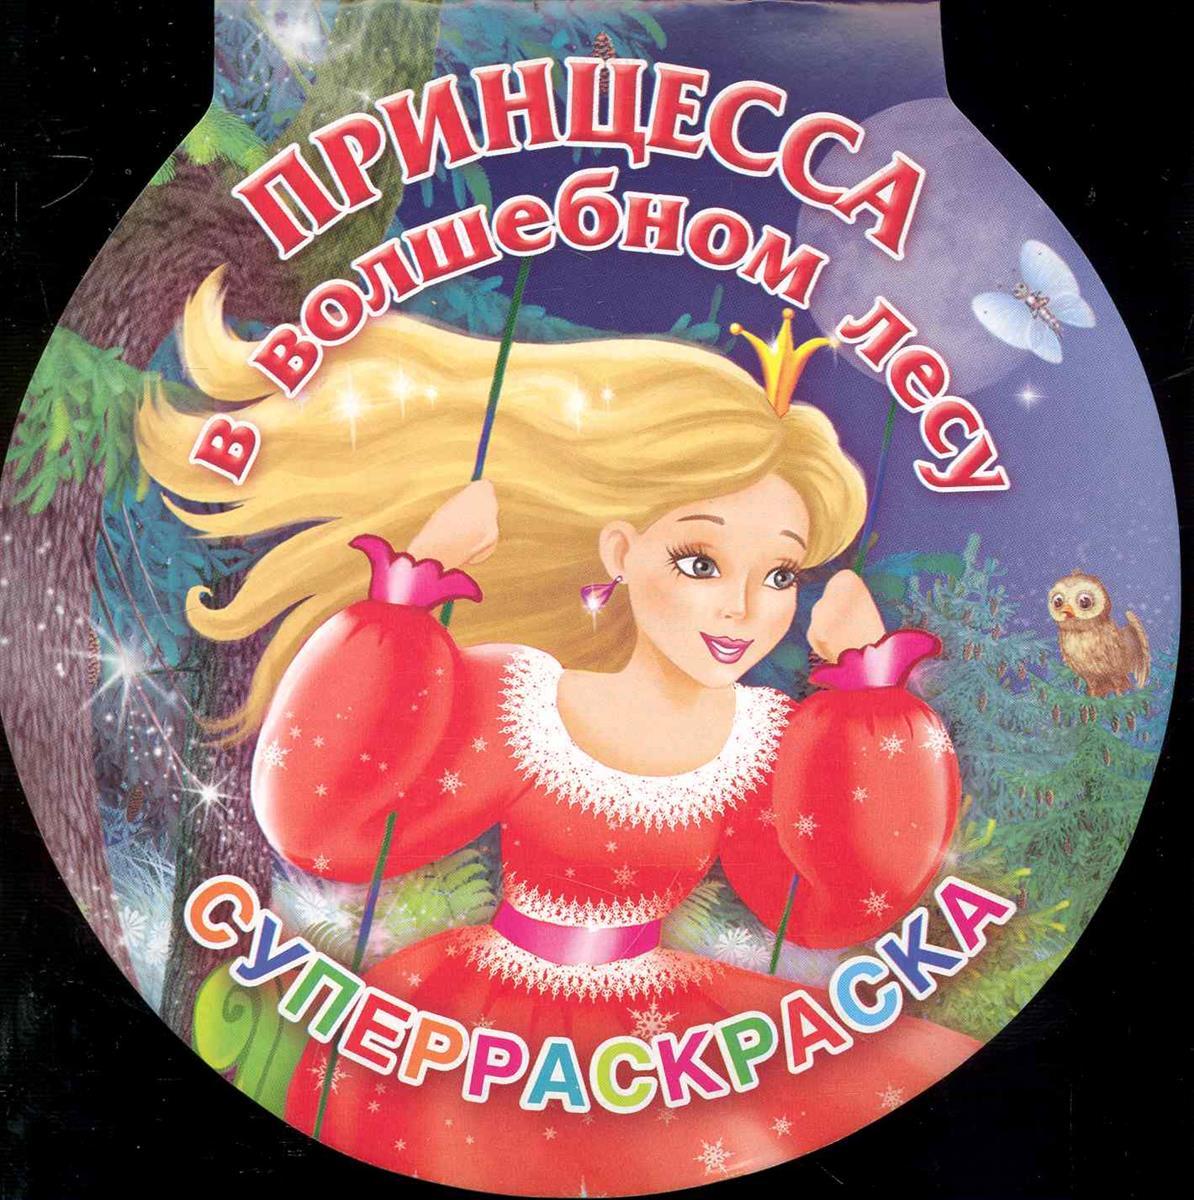 Жуковская Е. (худ.) Суперраскраска Принцесса в волшебном лесу безрукова е худ суперраскраска для самых маленьких